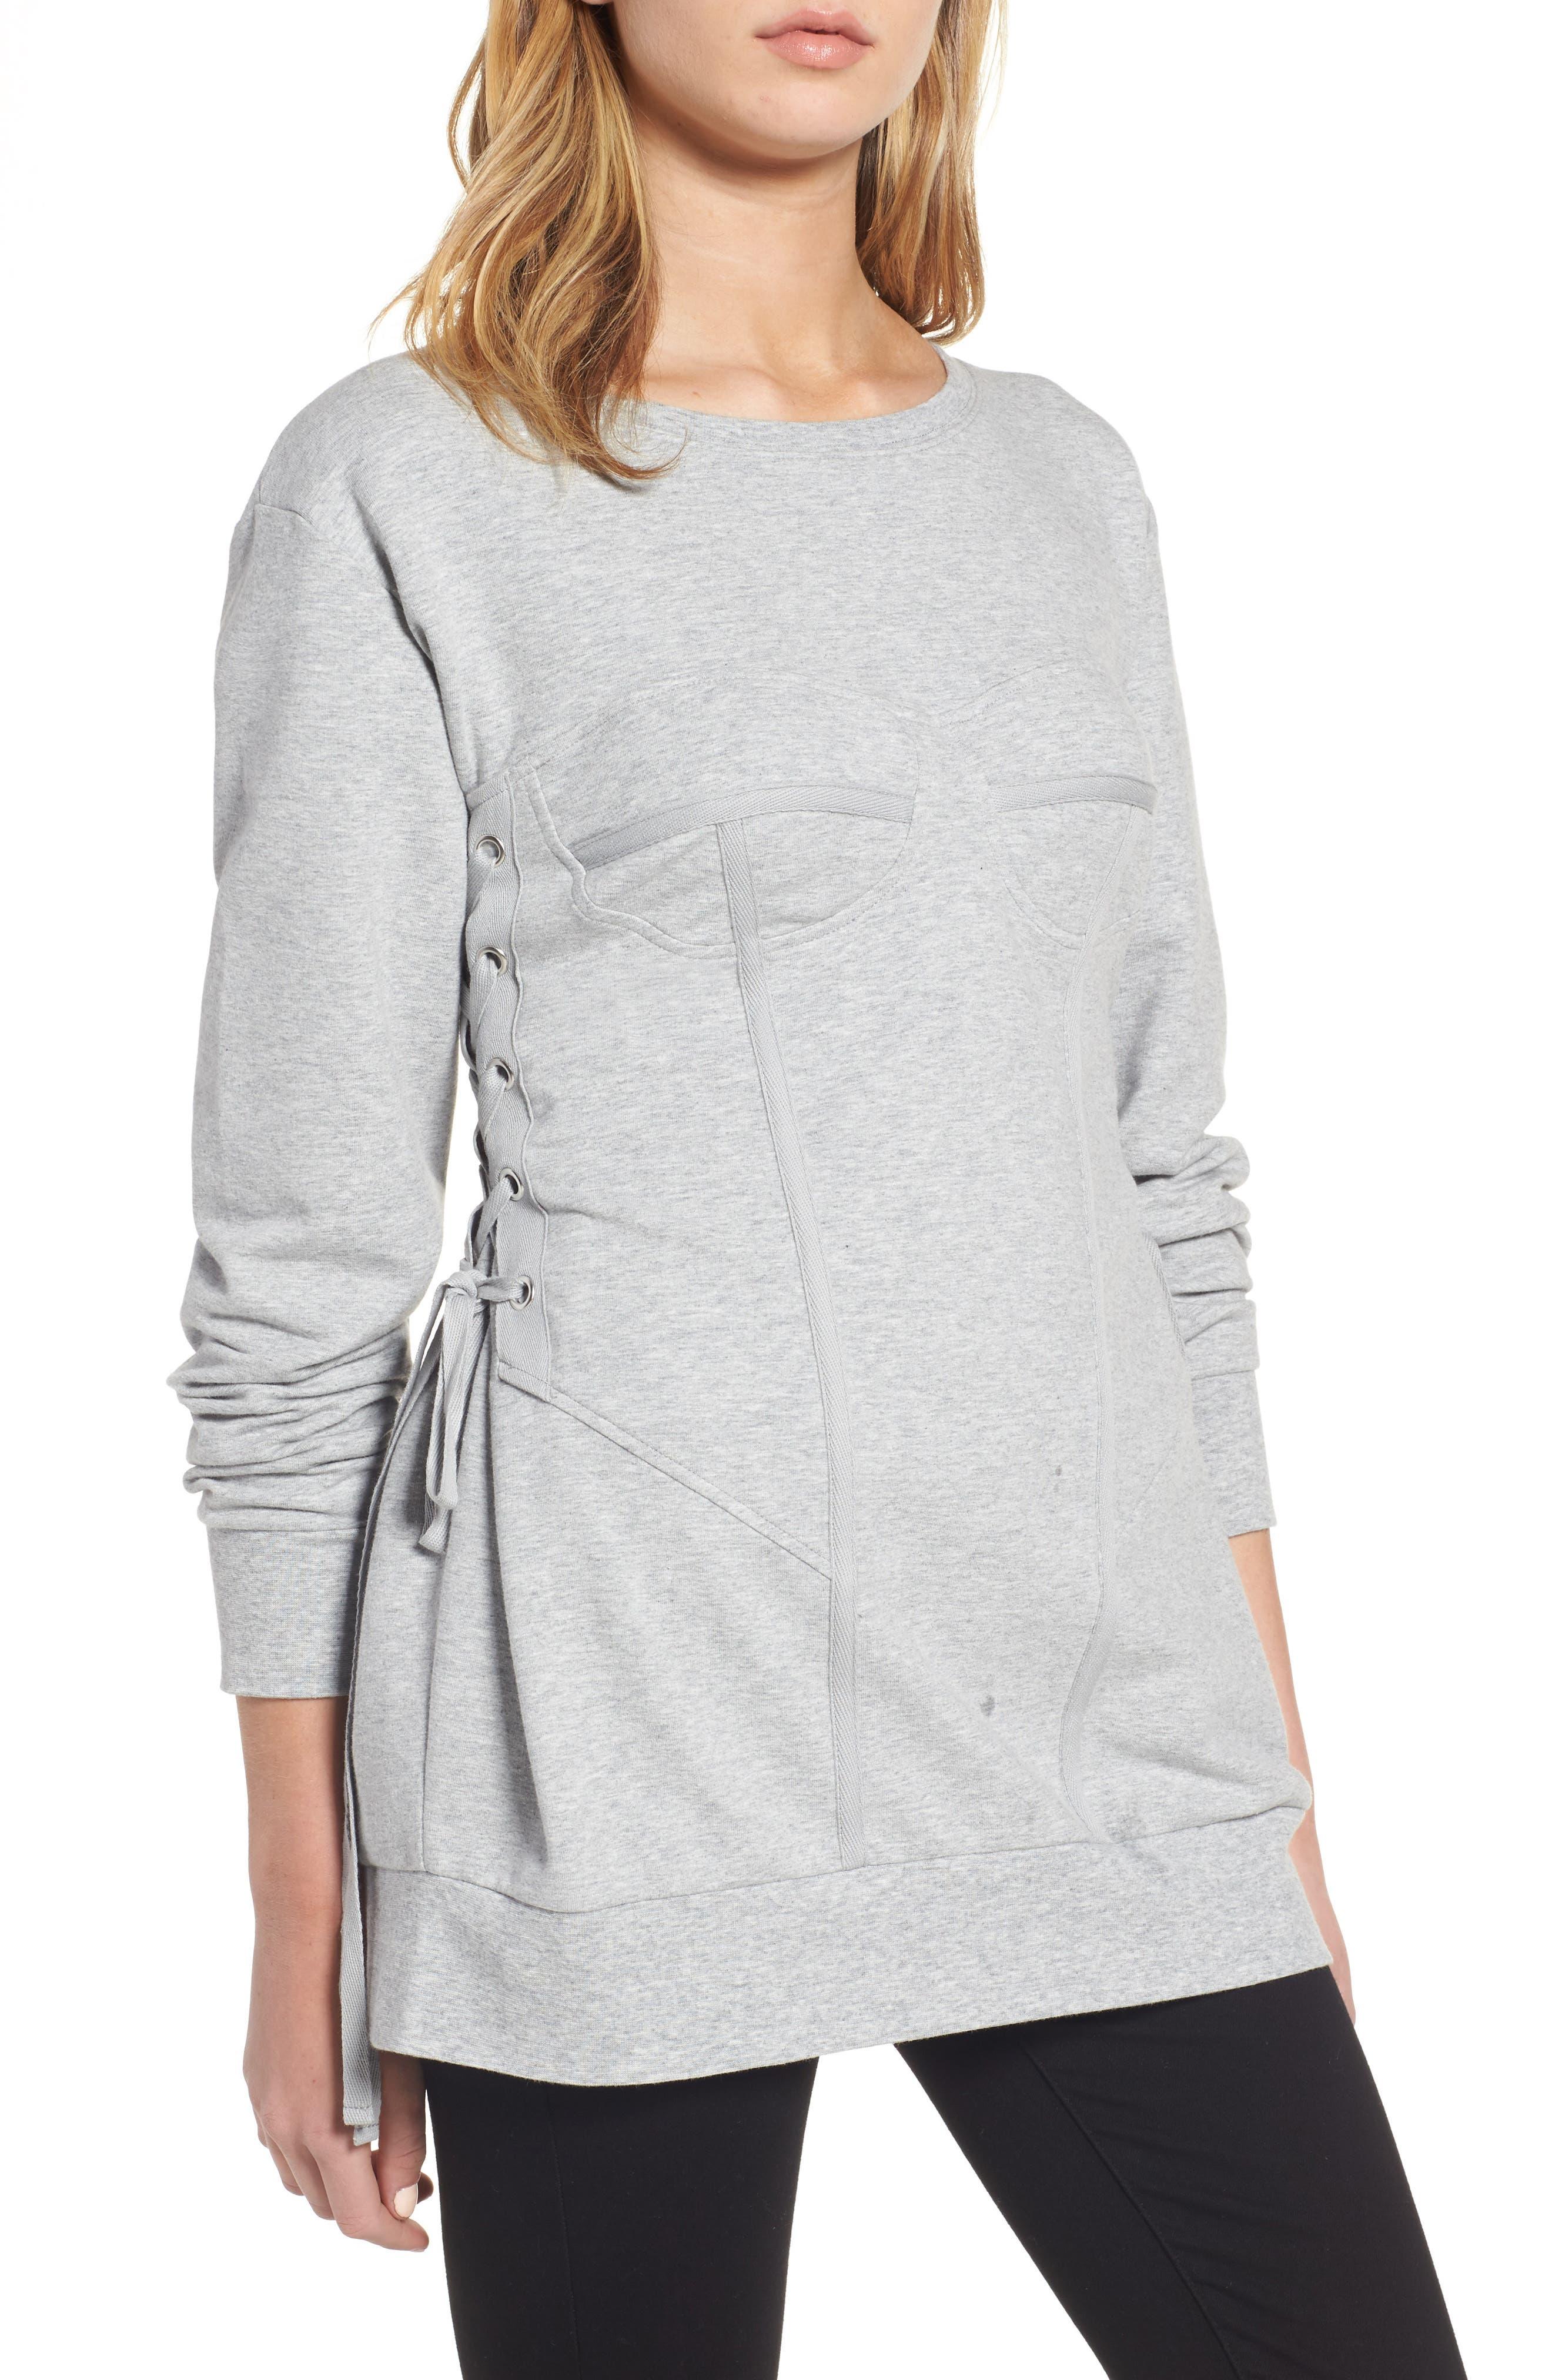 Main Image - Trouvé Corset Sweatshirt